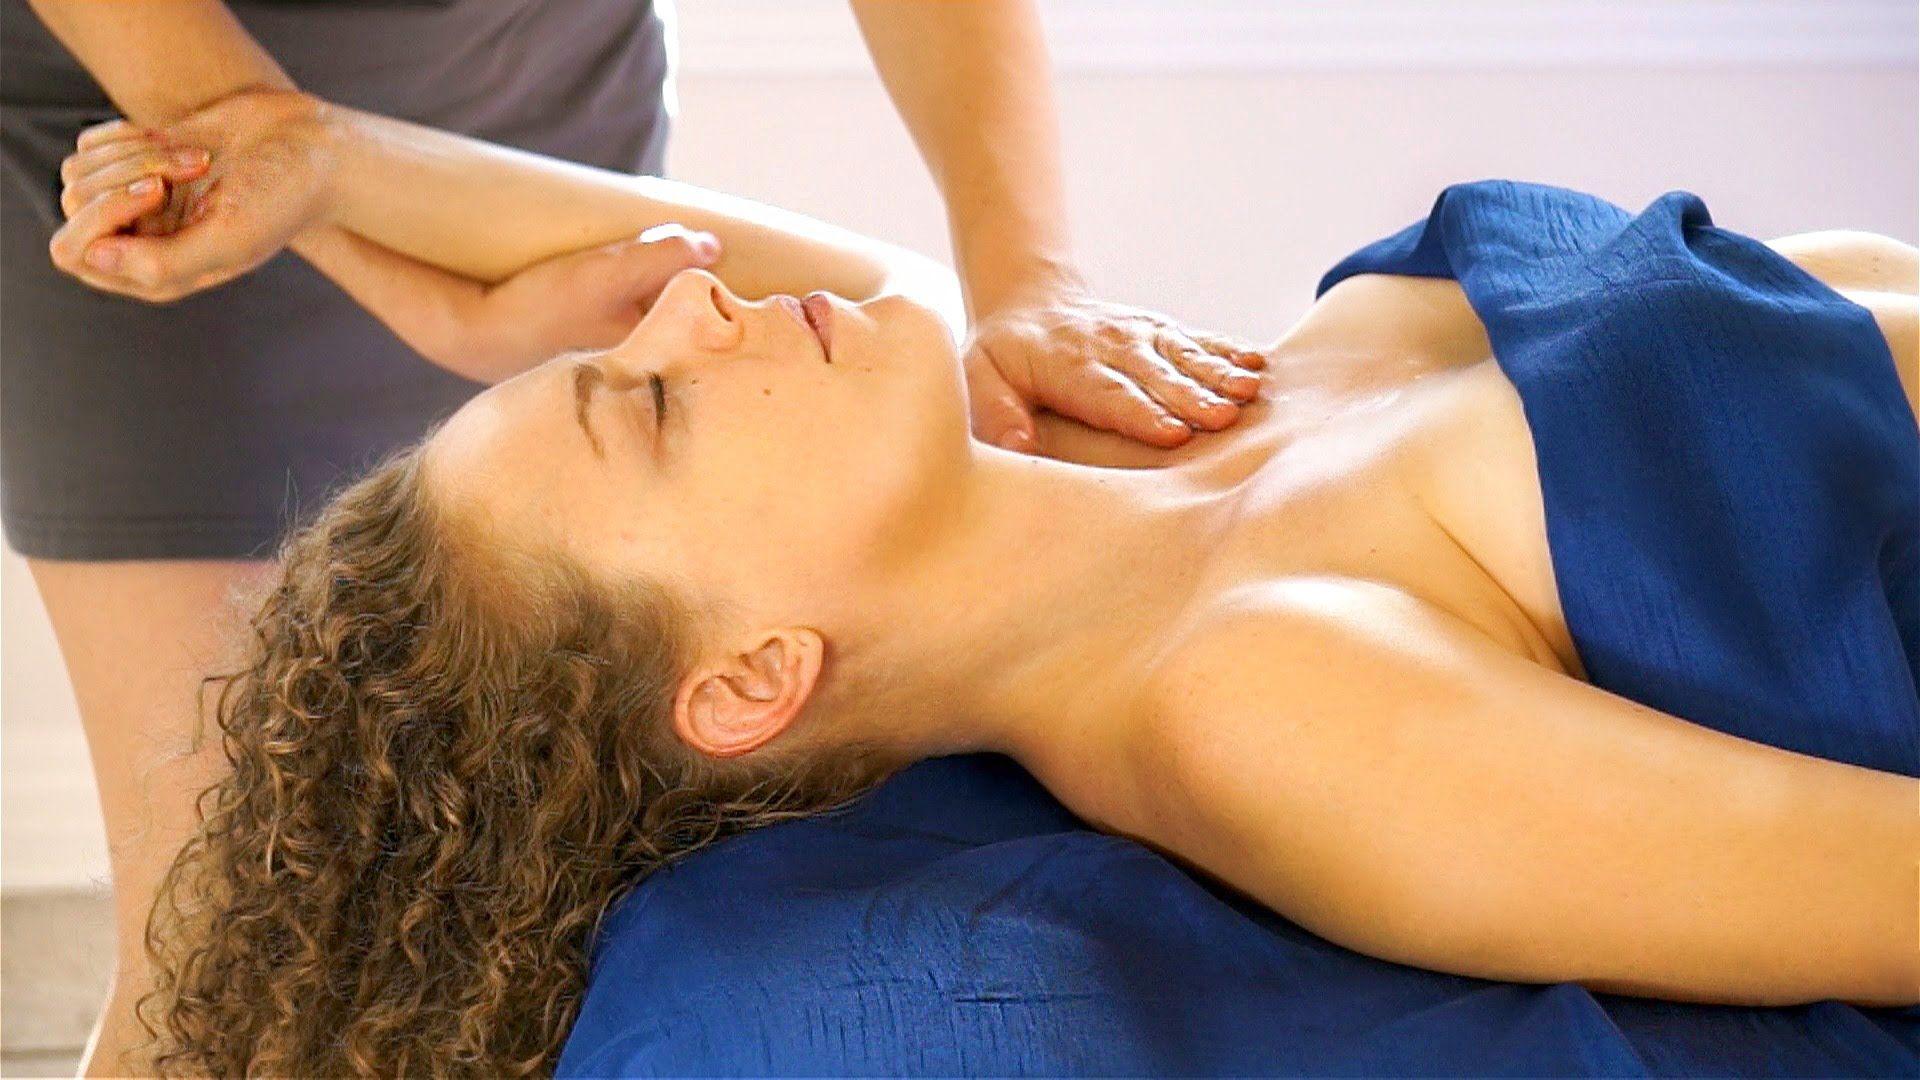 A Sensual Massage best relaxation upper body massage therapy. swedish massage